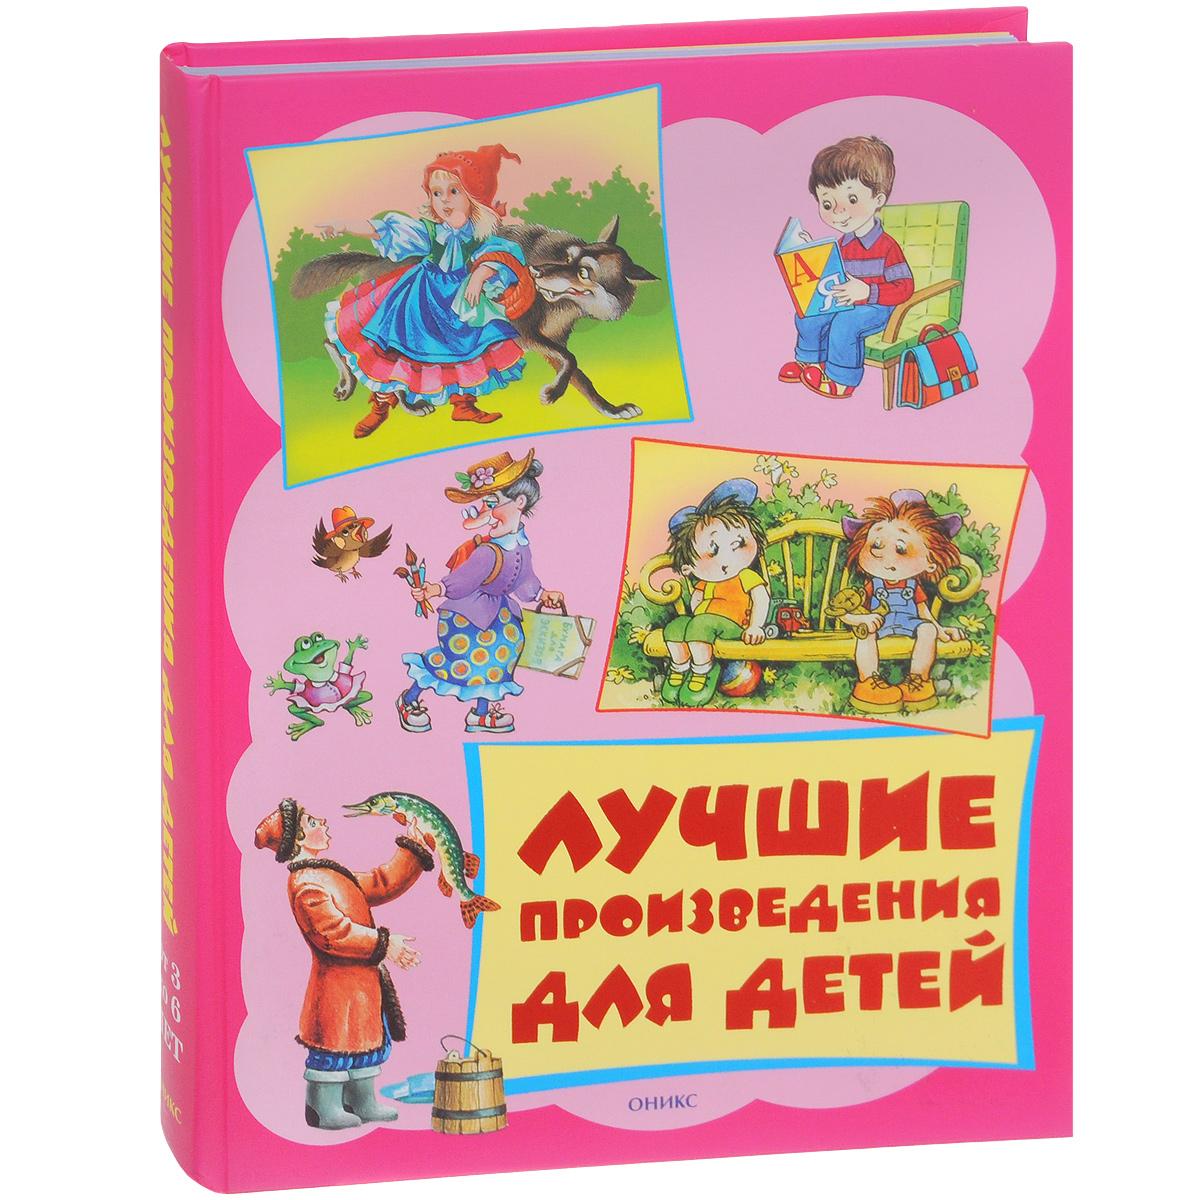 Лучшие произведения для детей 3-6 лет